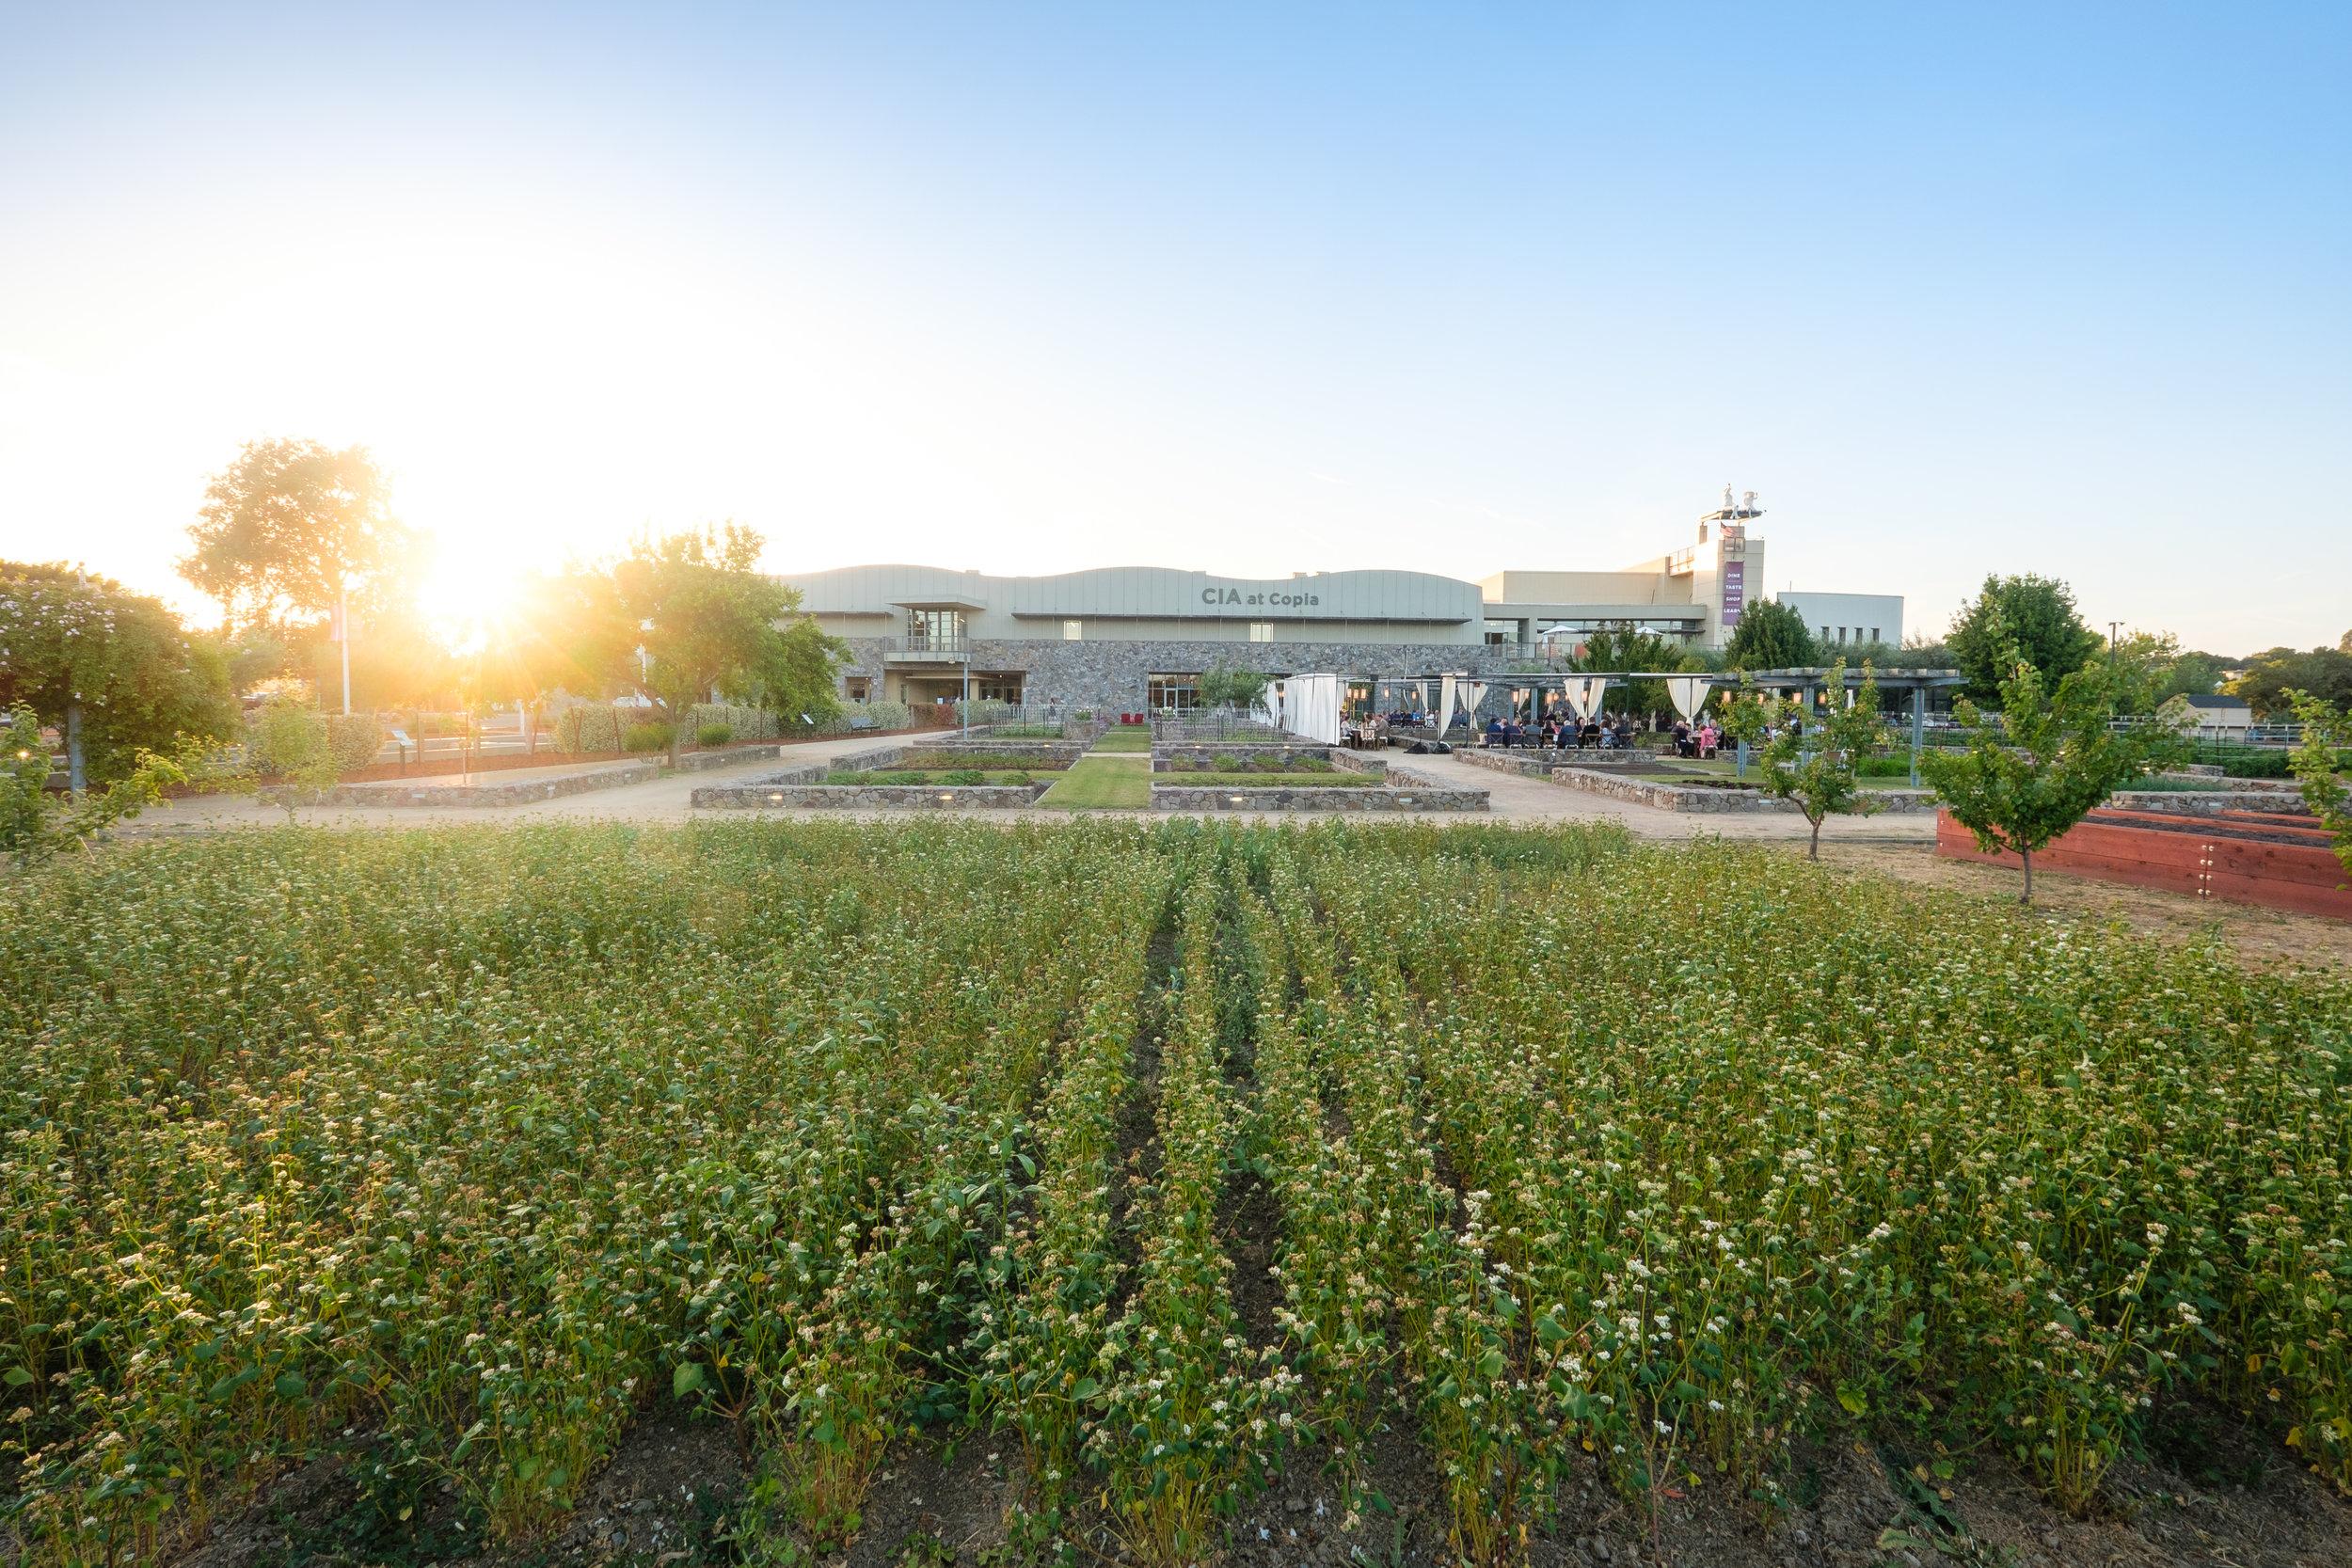 The Farm at CIA at Copia